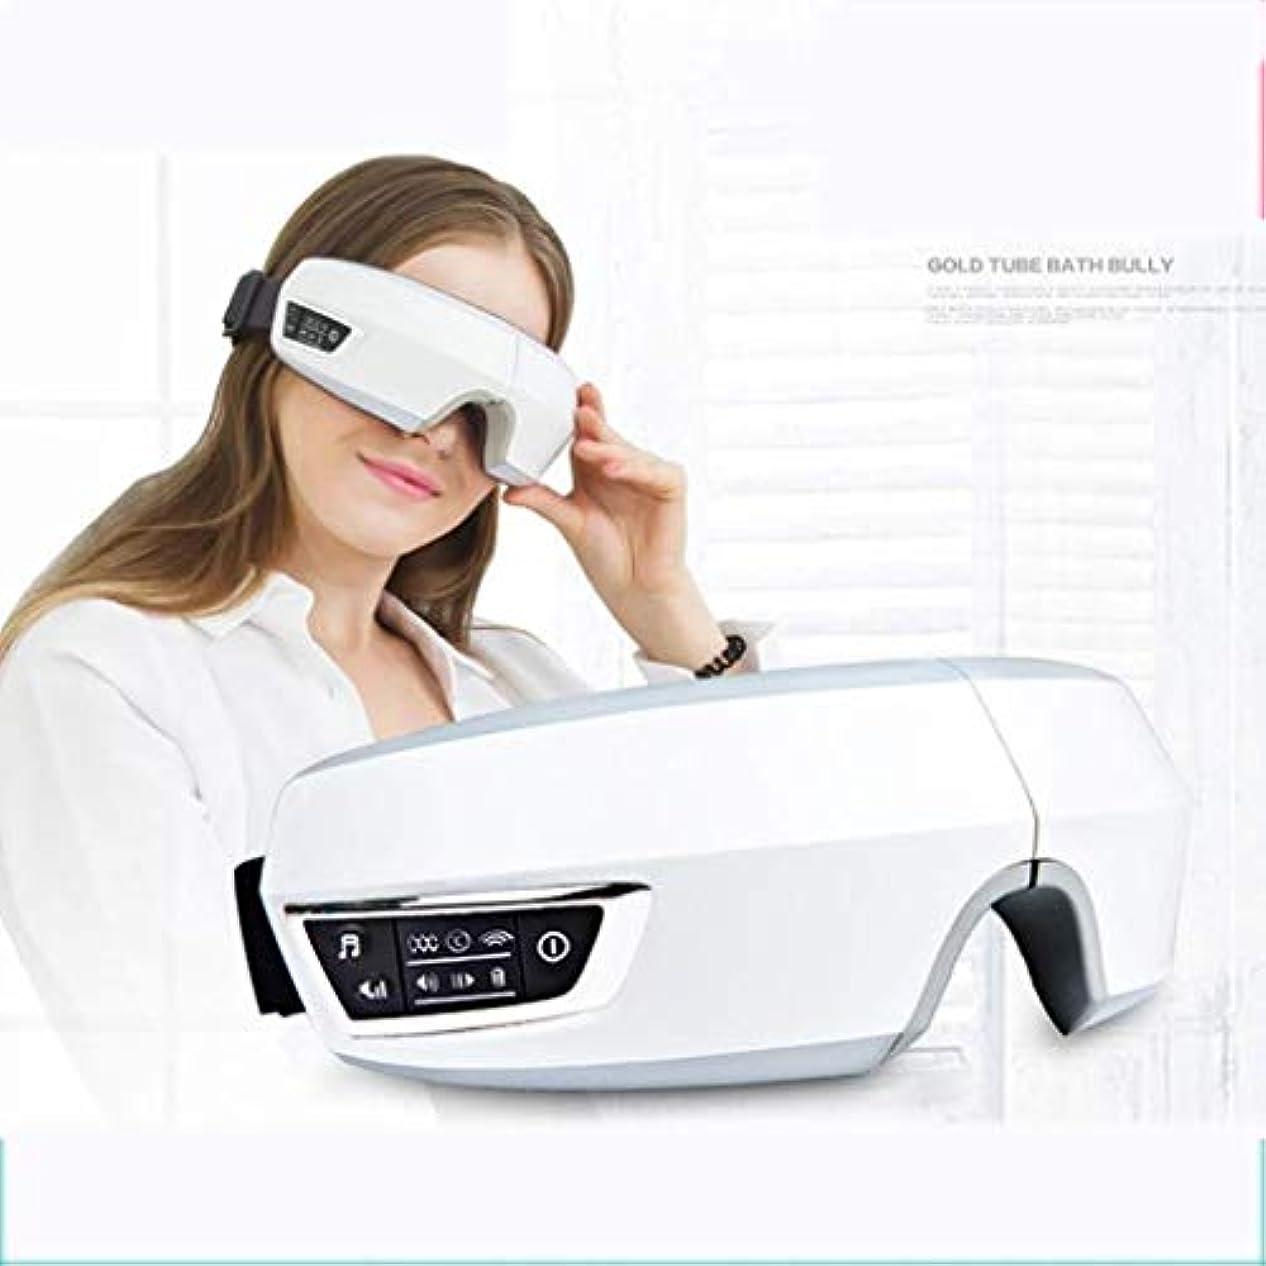 磁石酔う成り立つUSB充電アイマッサージャー、アイケアアイマッサージ器具、ホットコンプレス、ダークアイビューティー器具の改善、視力保護アイピース、疲労軽減